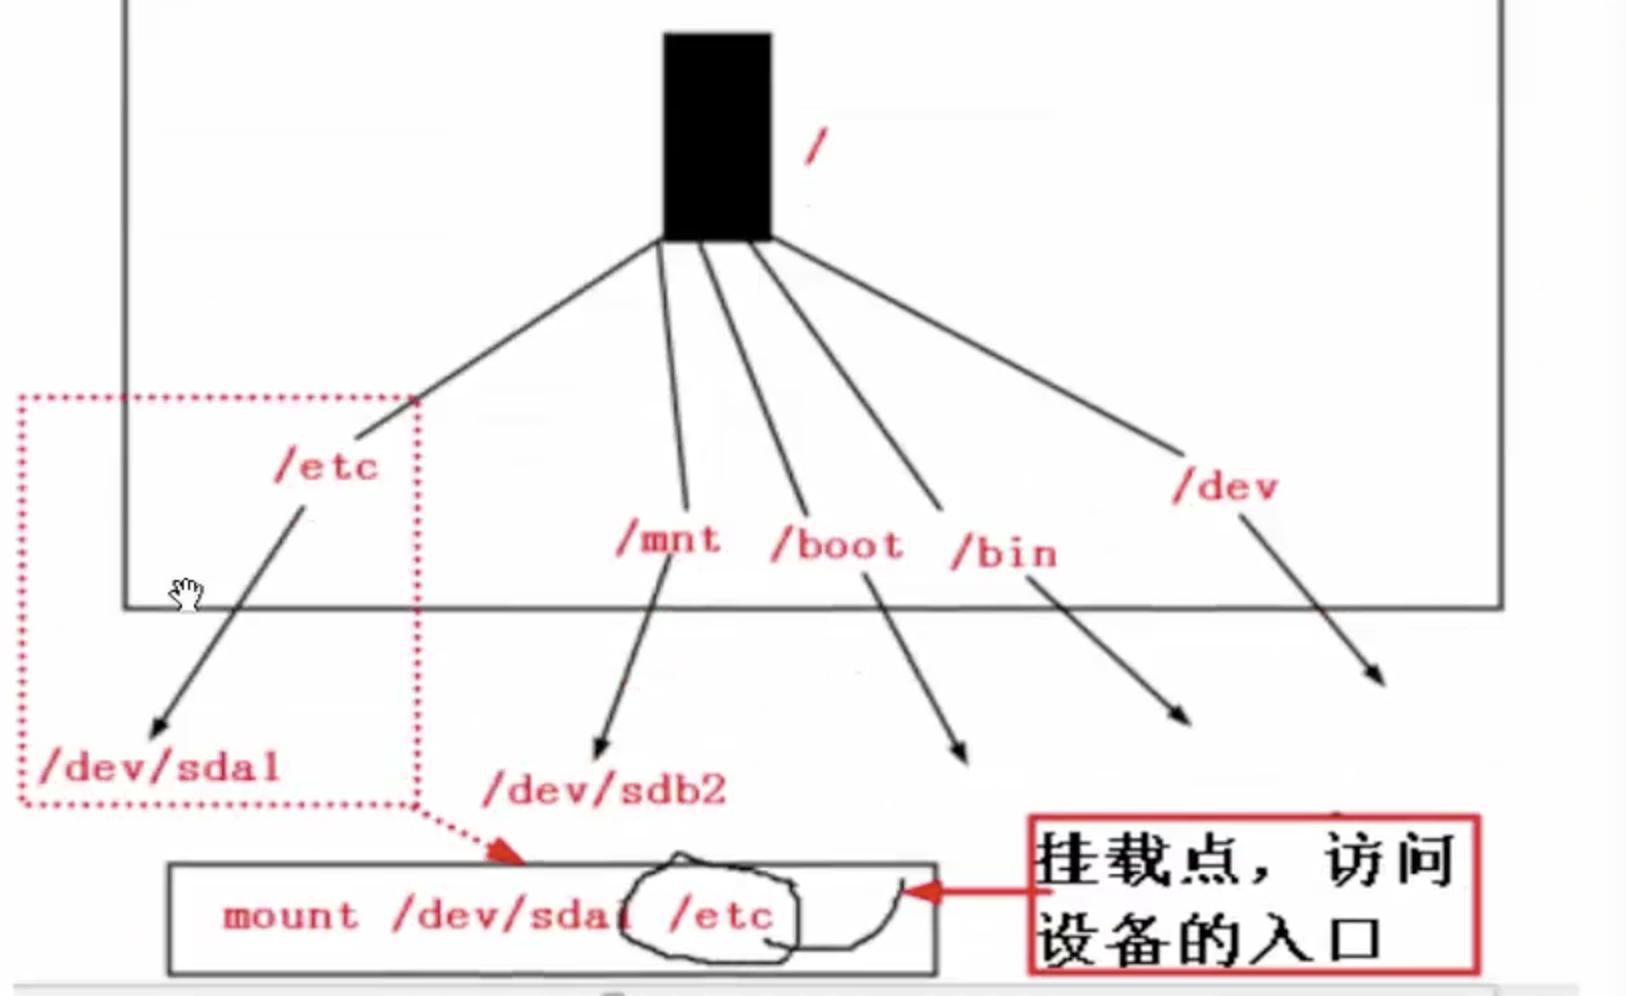 9159金沙官网 3